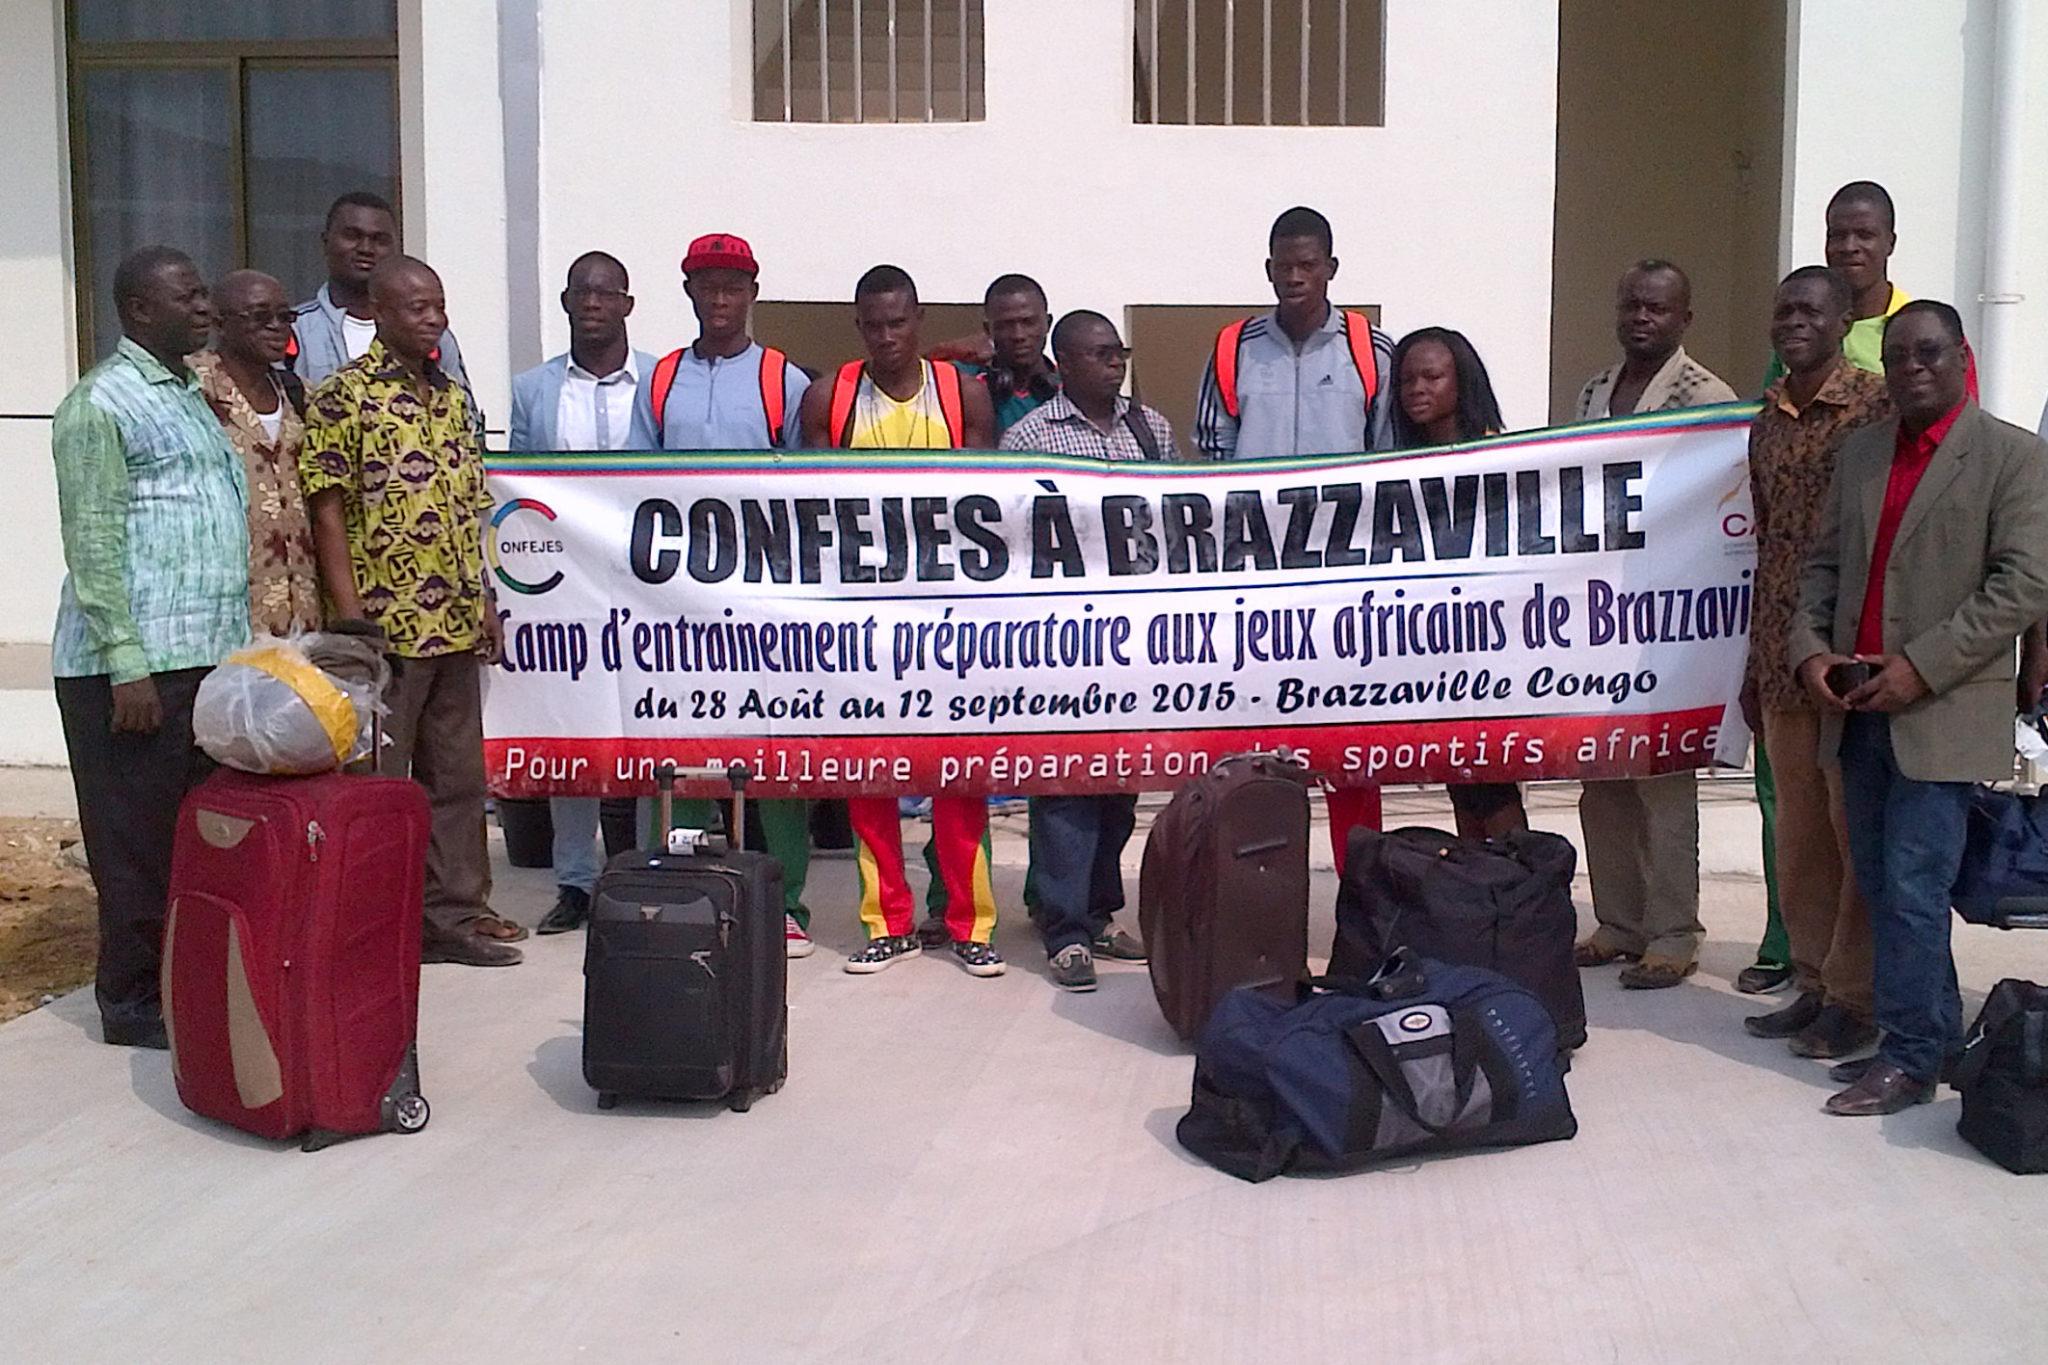 Camp d'entraînement préparatoire aux 11emes Jeux Africains